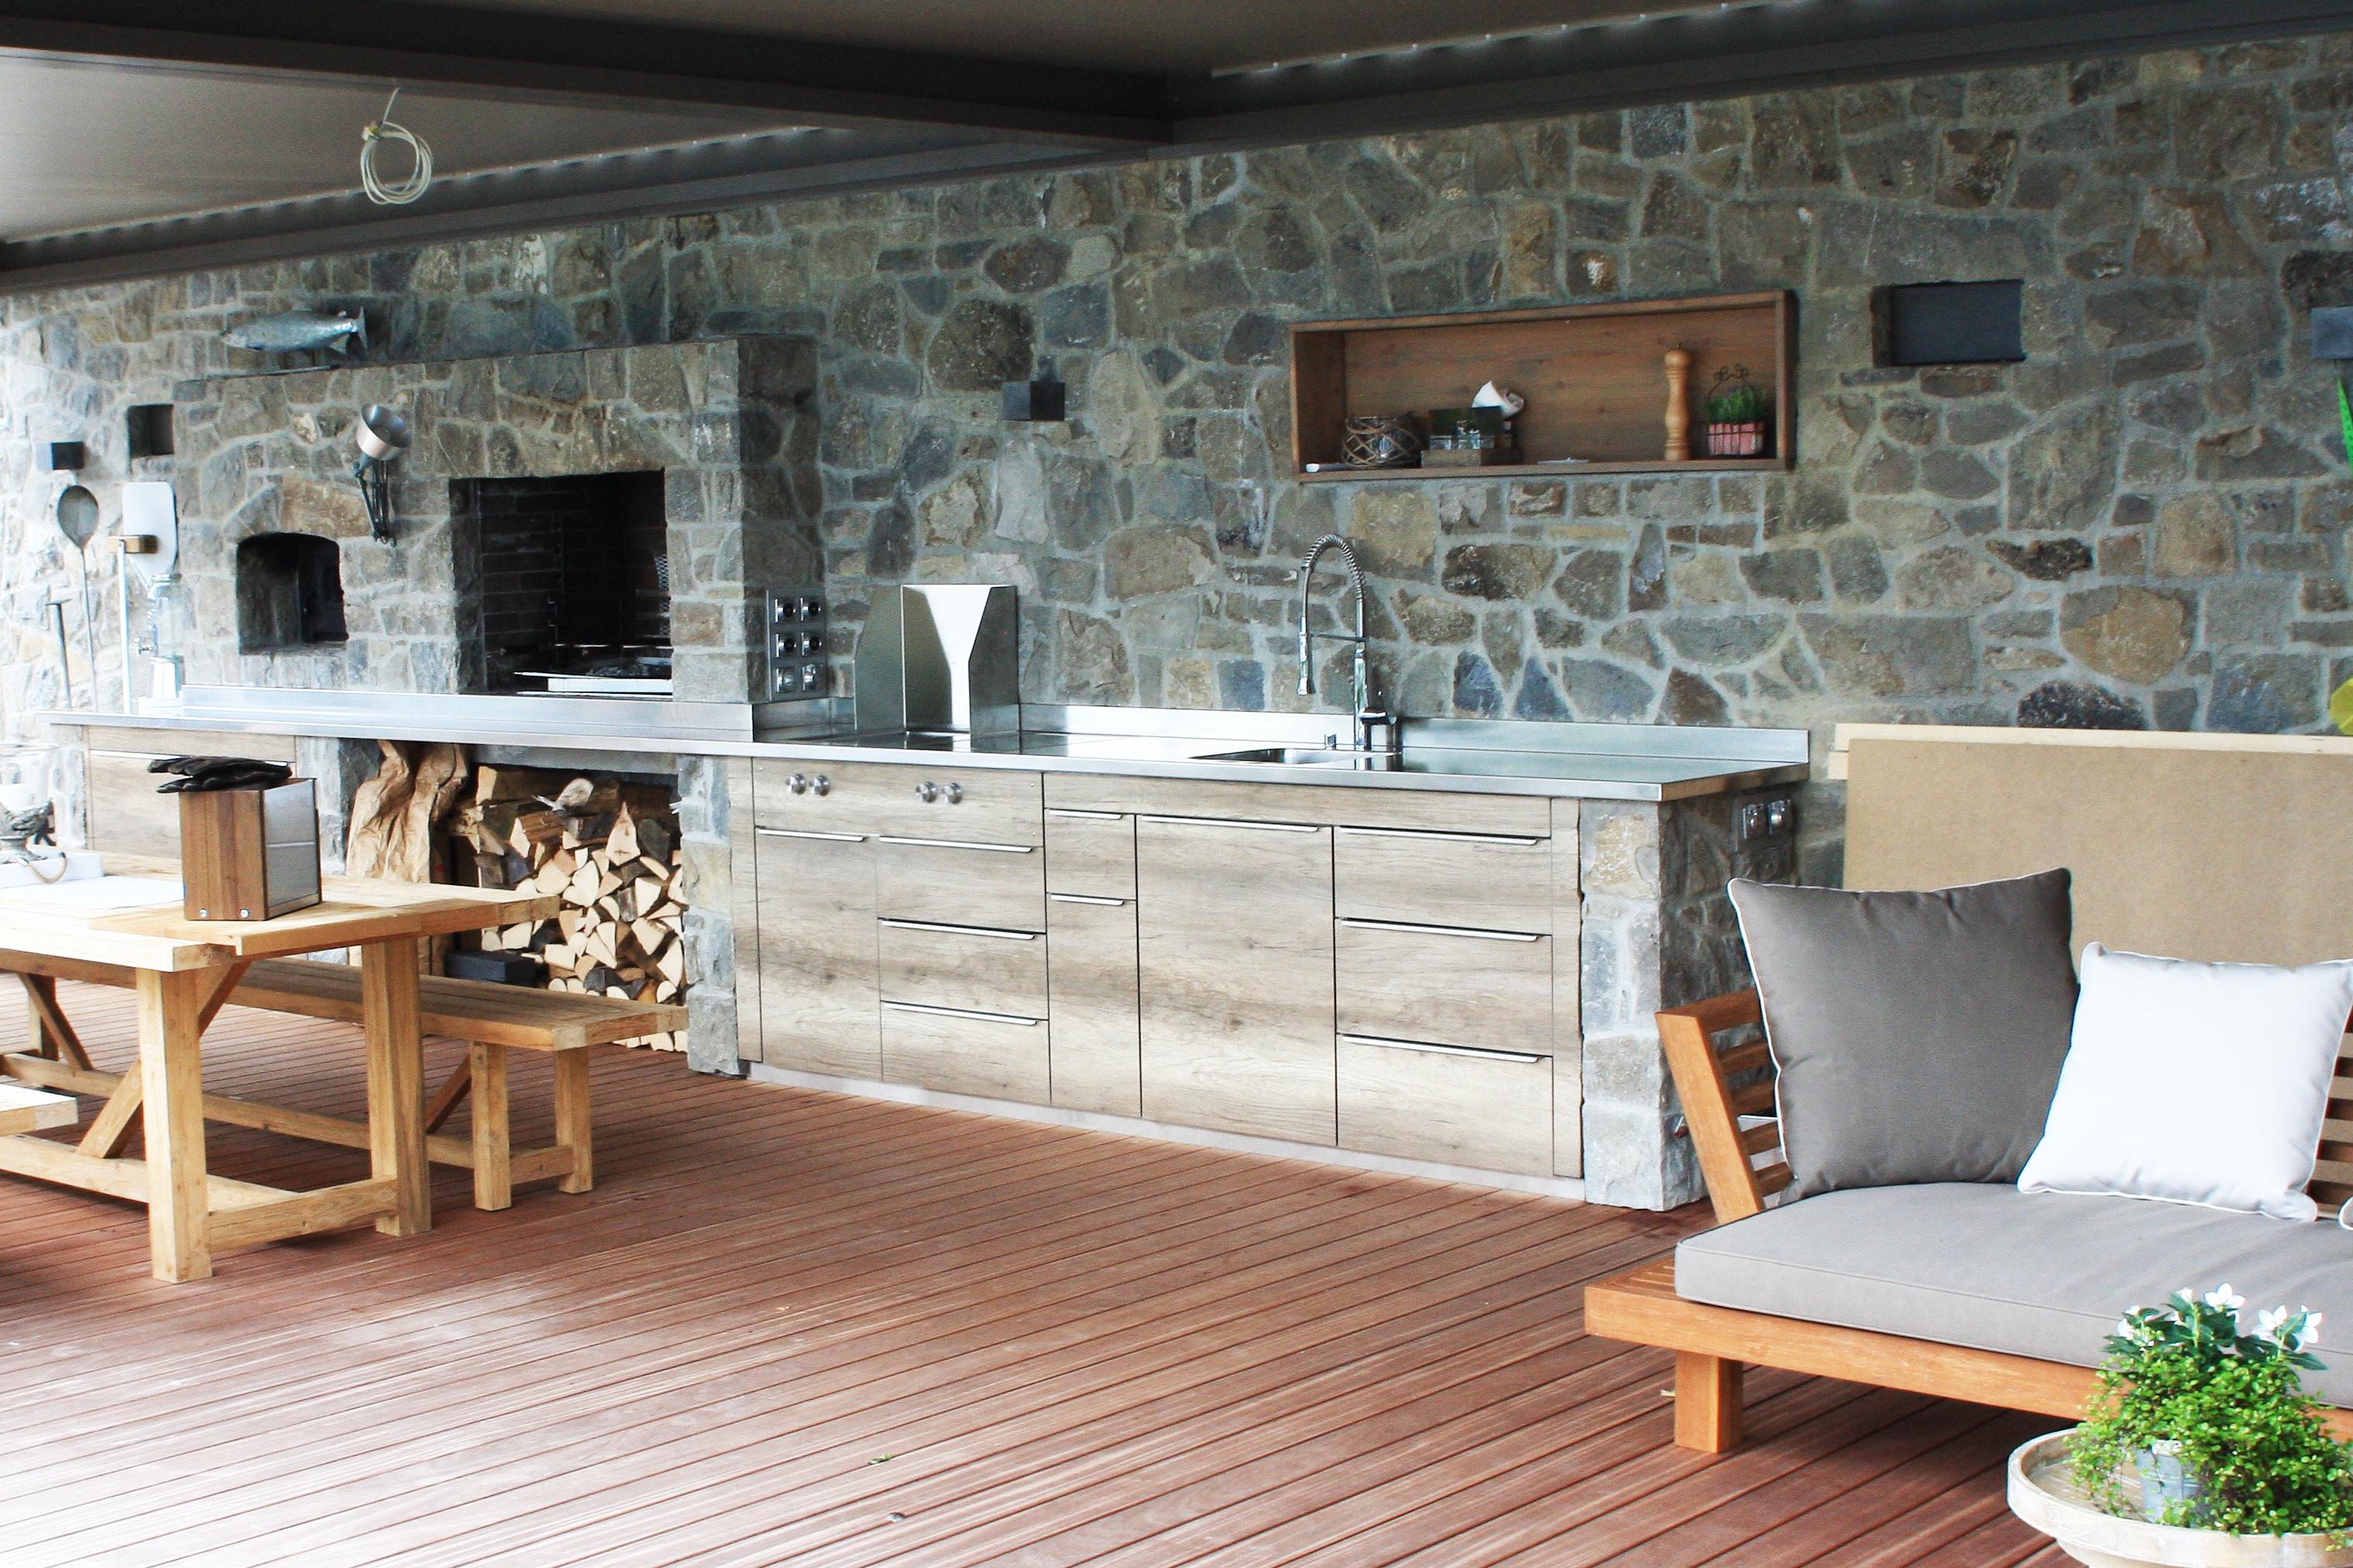 Outdoor Küche Gastro : Grossküchen outdoor küchen vom schweizer marktführer simeta ag